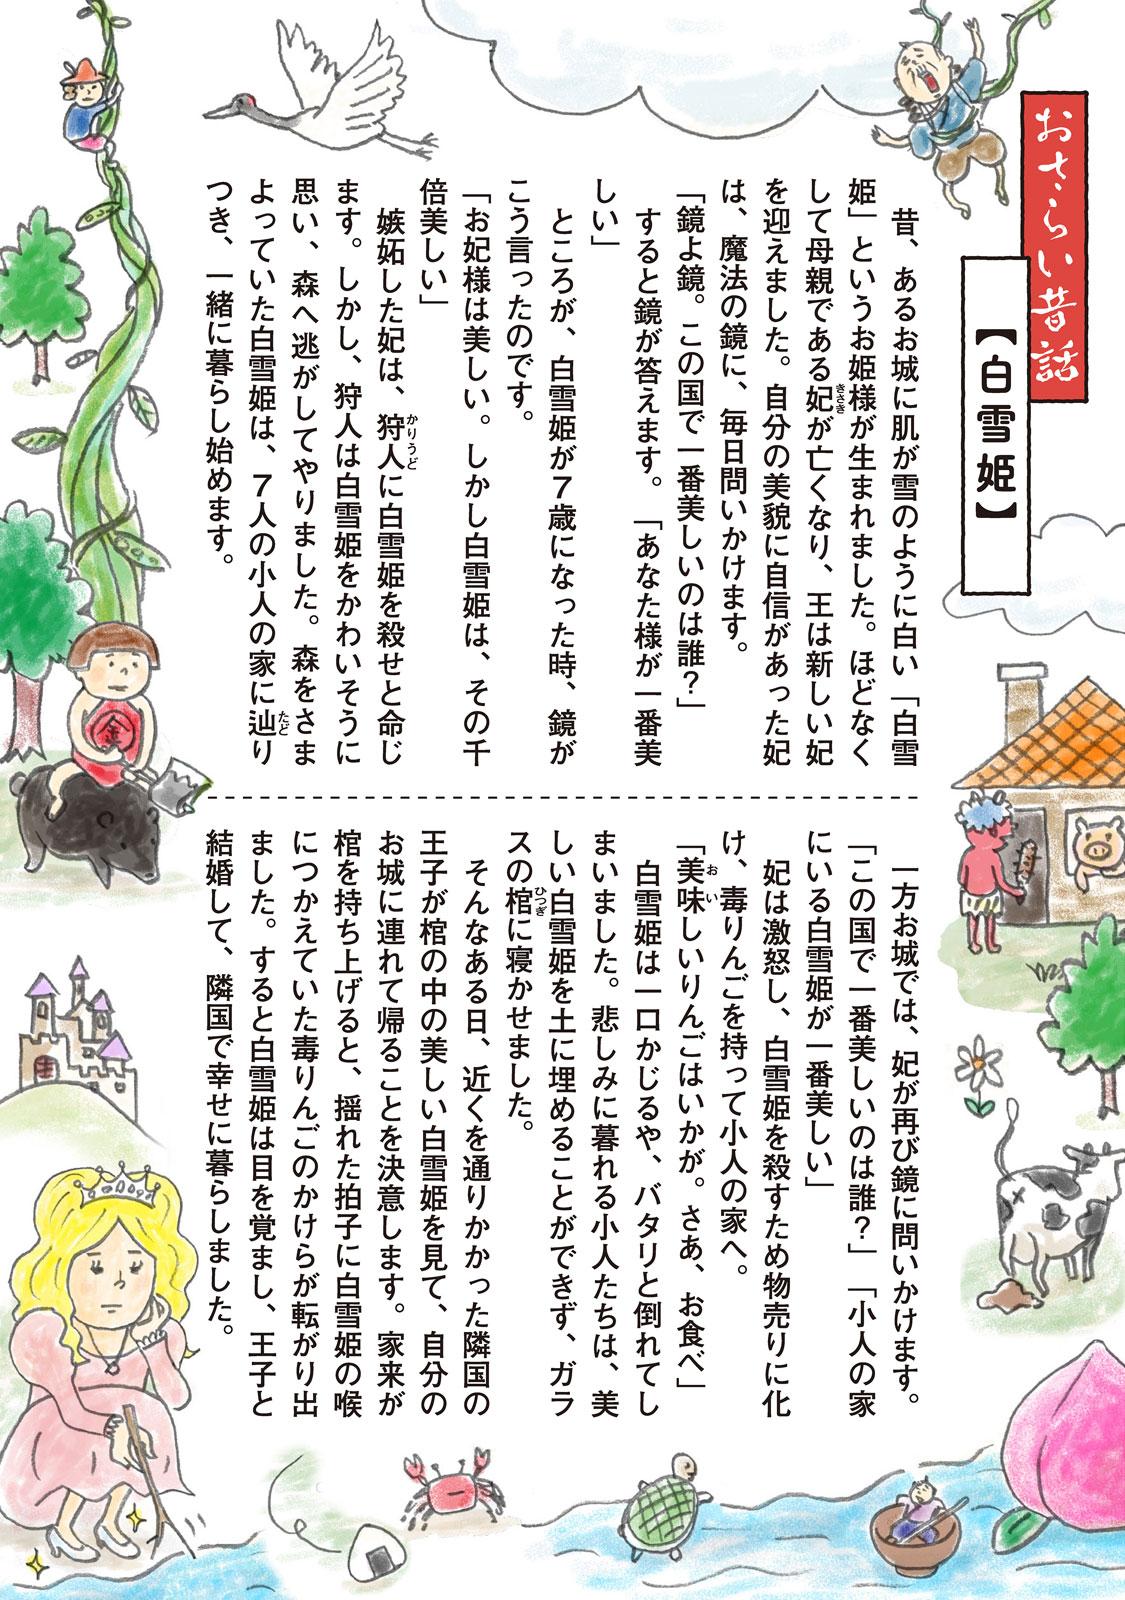 白雪姫の悲劇『むか~しむかしの 子供に読ませなくてもいいお話集 第2話』